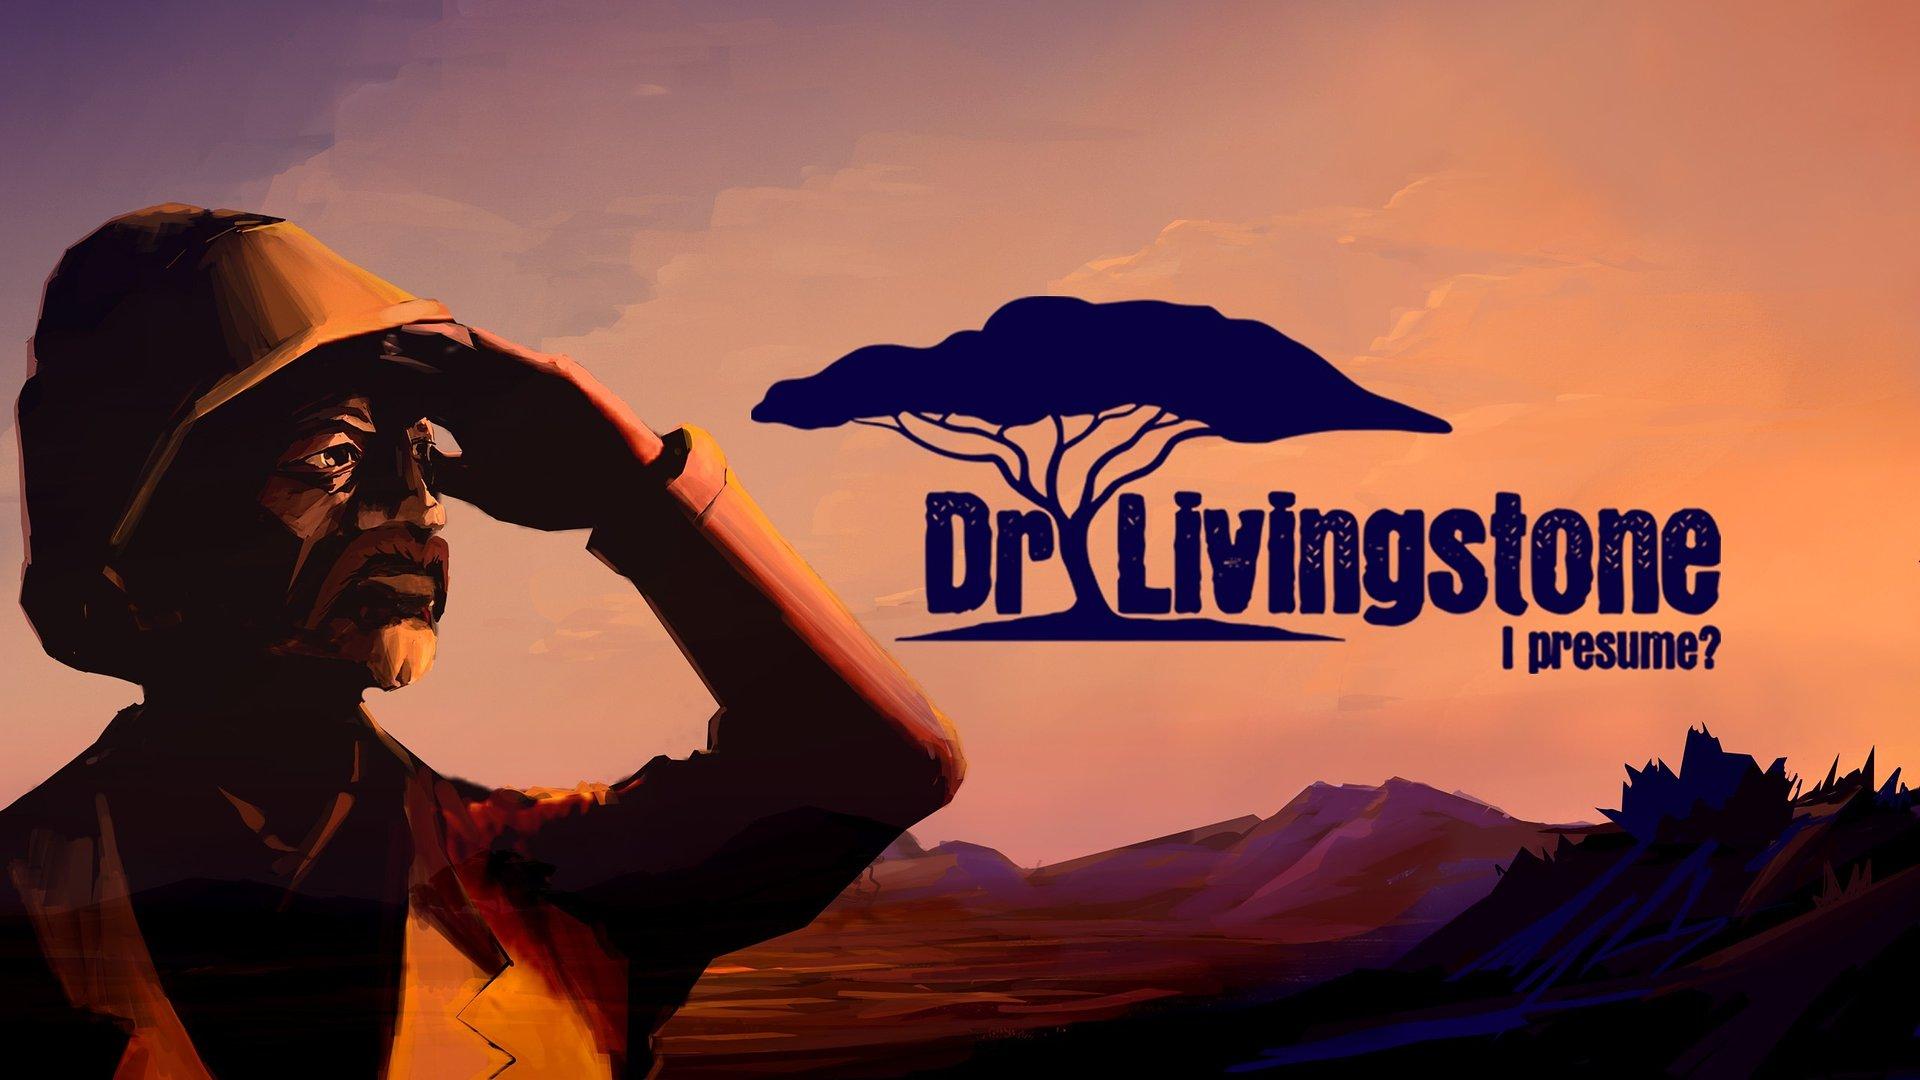 Teraz rozwiążę tę zagadkę, jak mniemam. Dr Livingstone, I Presume? zabierze twoje szare komórki do Afryki